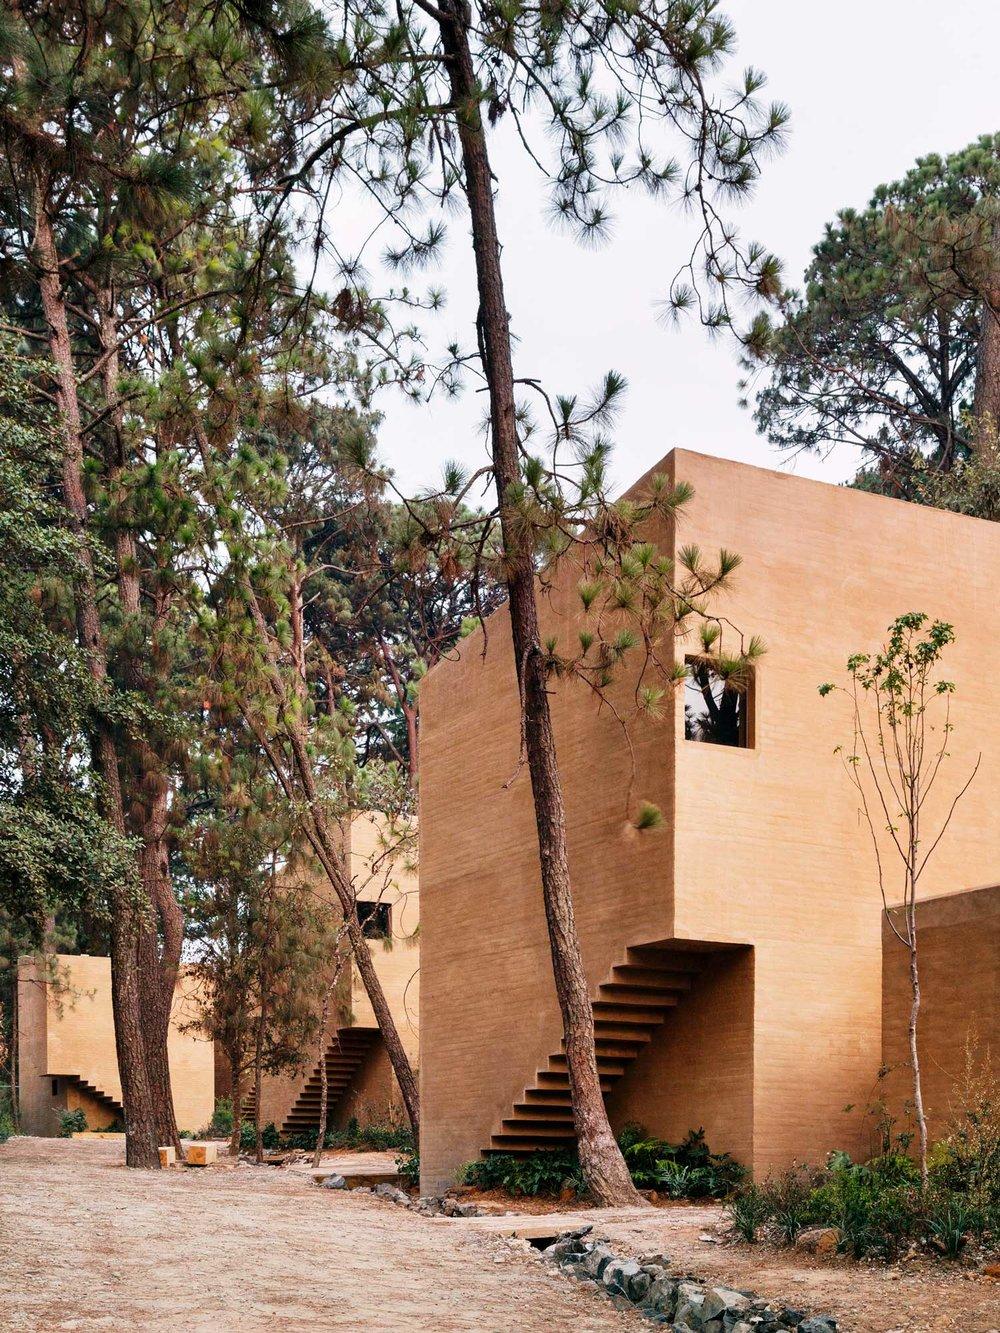 Entrepinos-Housing-in-Valle-de-Bravo-Mexico-by-Taller-Hector-Barroso-Yellowtrace-01.jpg